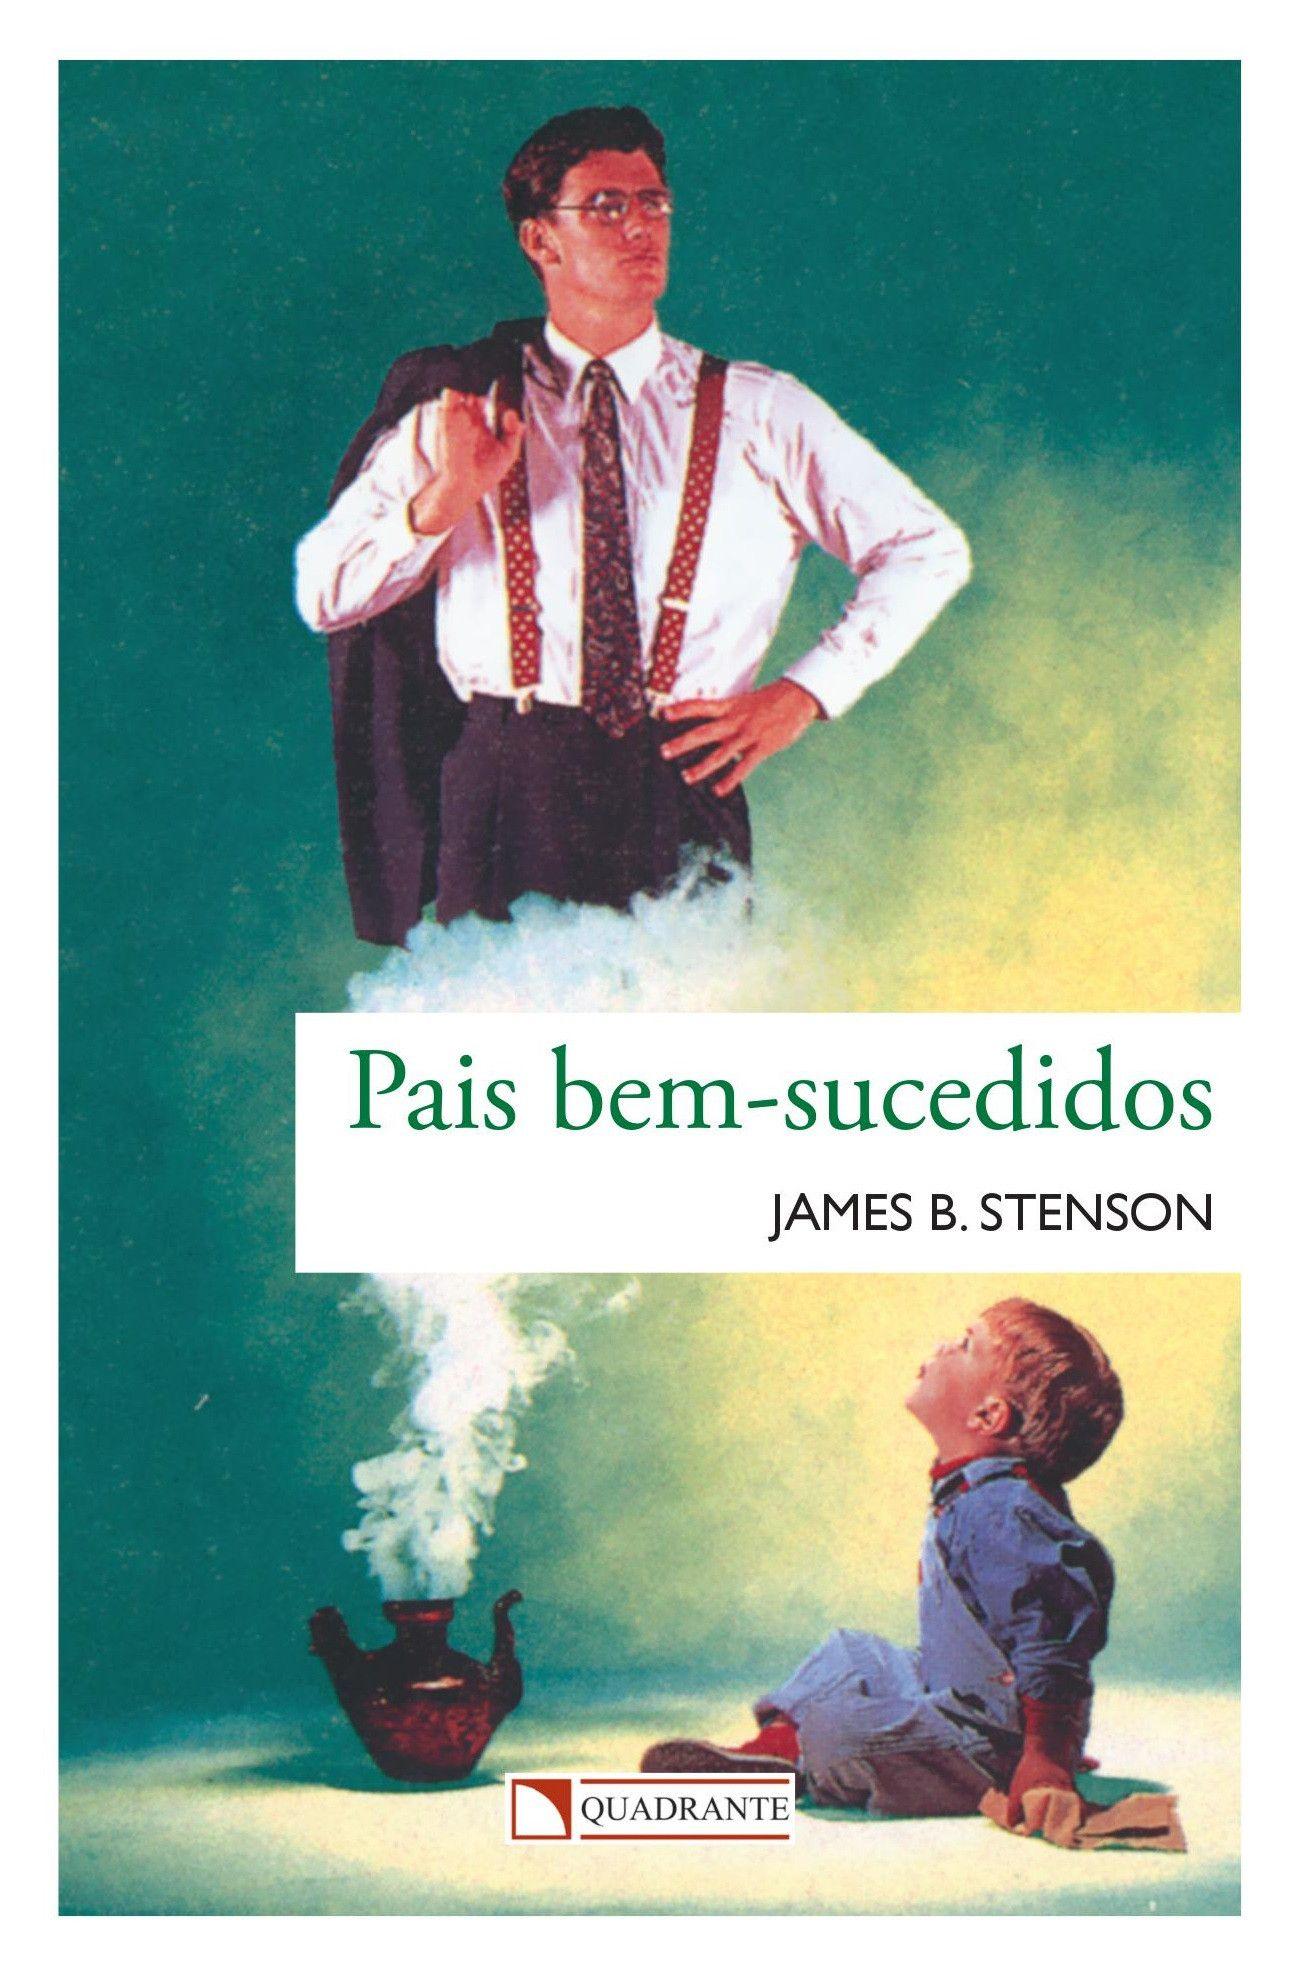 Livro Pais bem-sucedidos